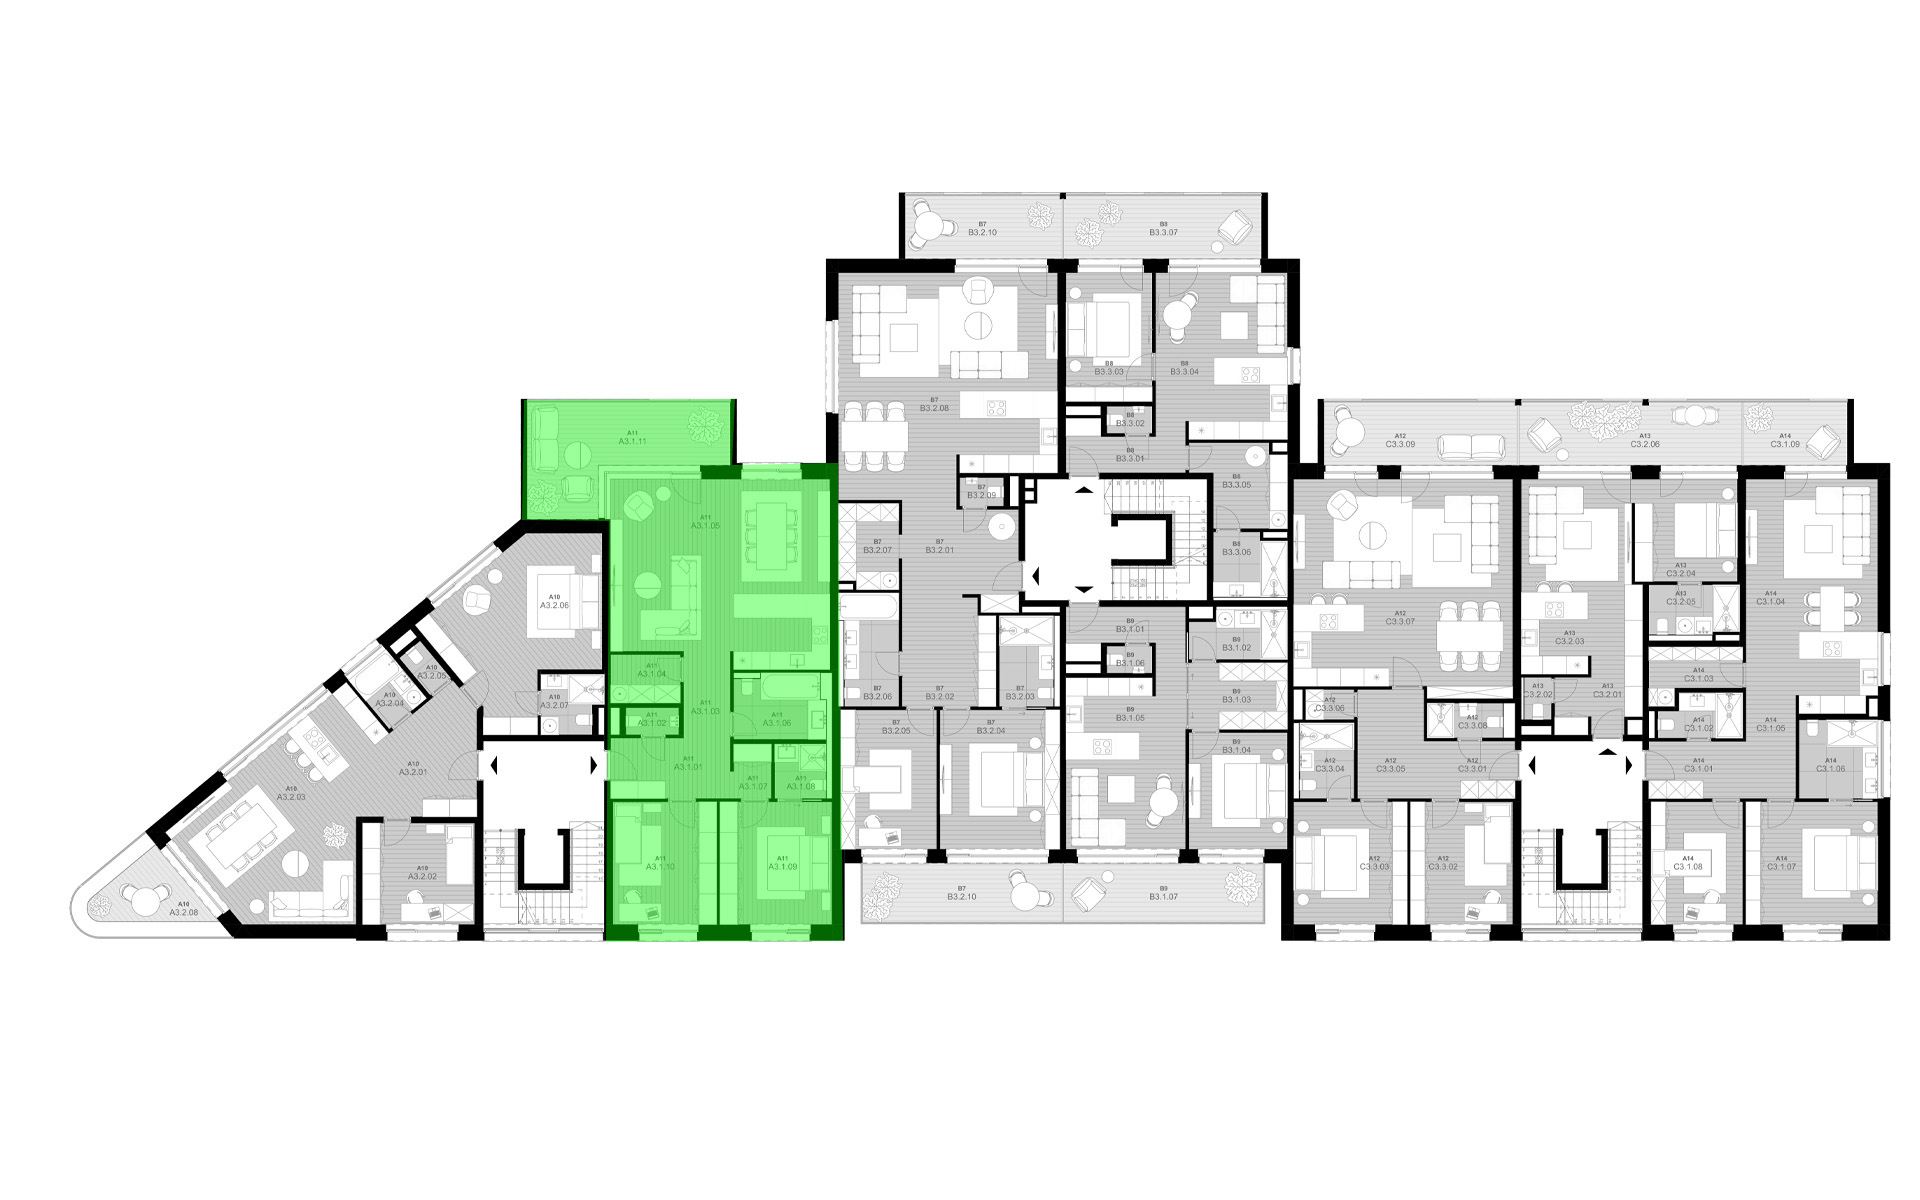 rezidencia K Železnej Studienke - pôdorys so zvýraznením apartmánu A3.1